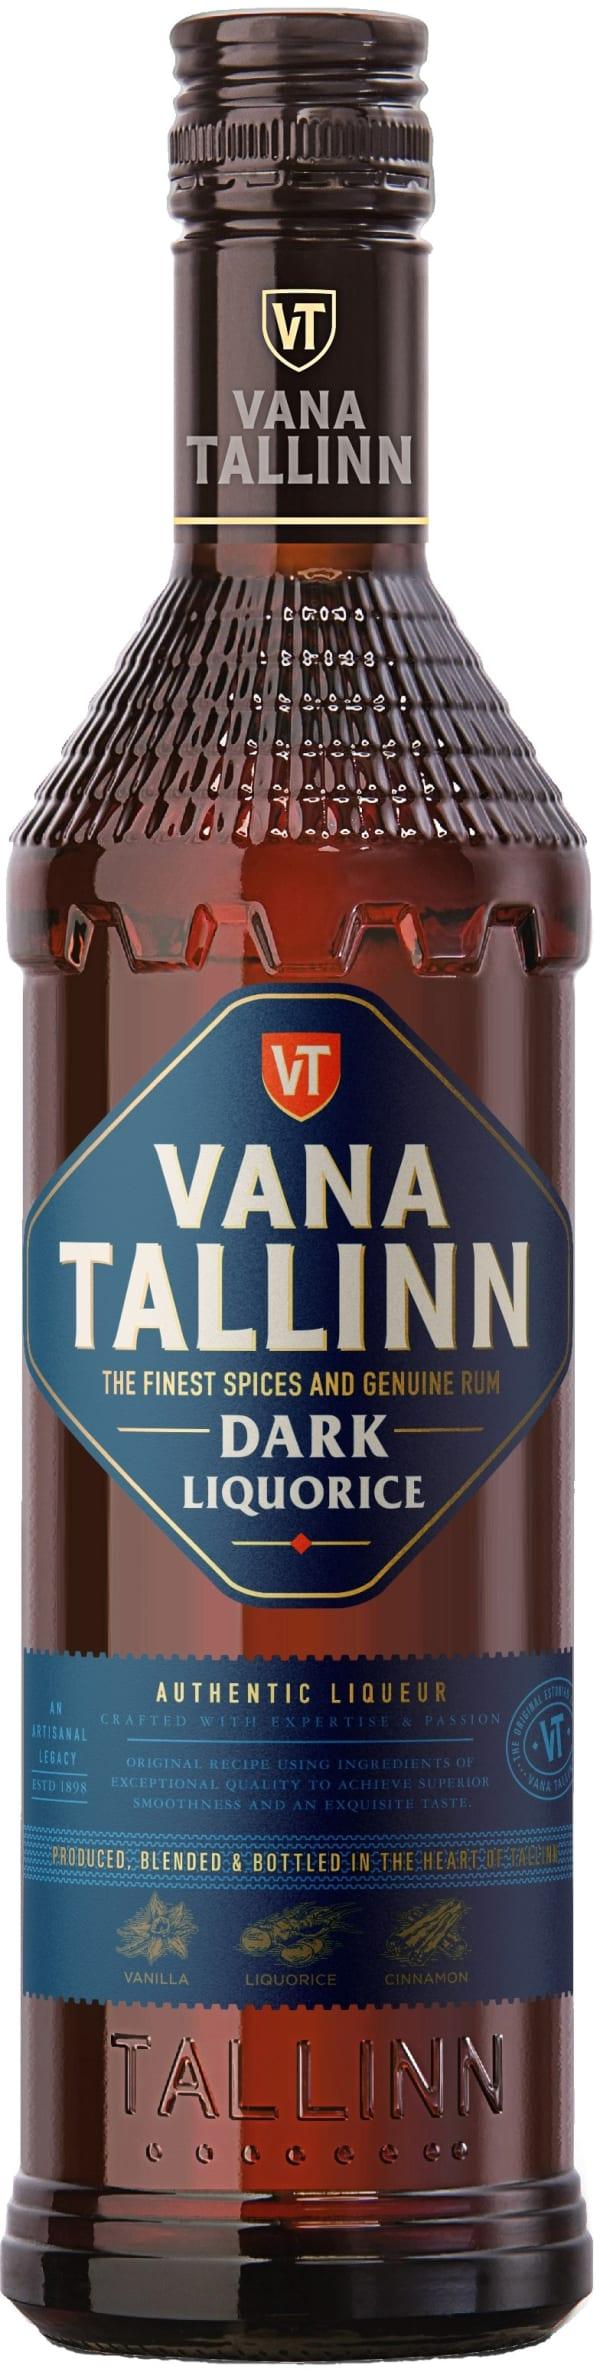 Vana Tallinn Tumma Lakritsi Suomi 100 Vuotta